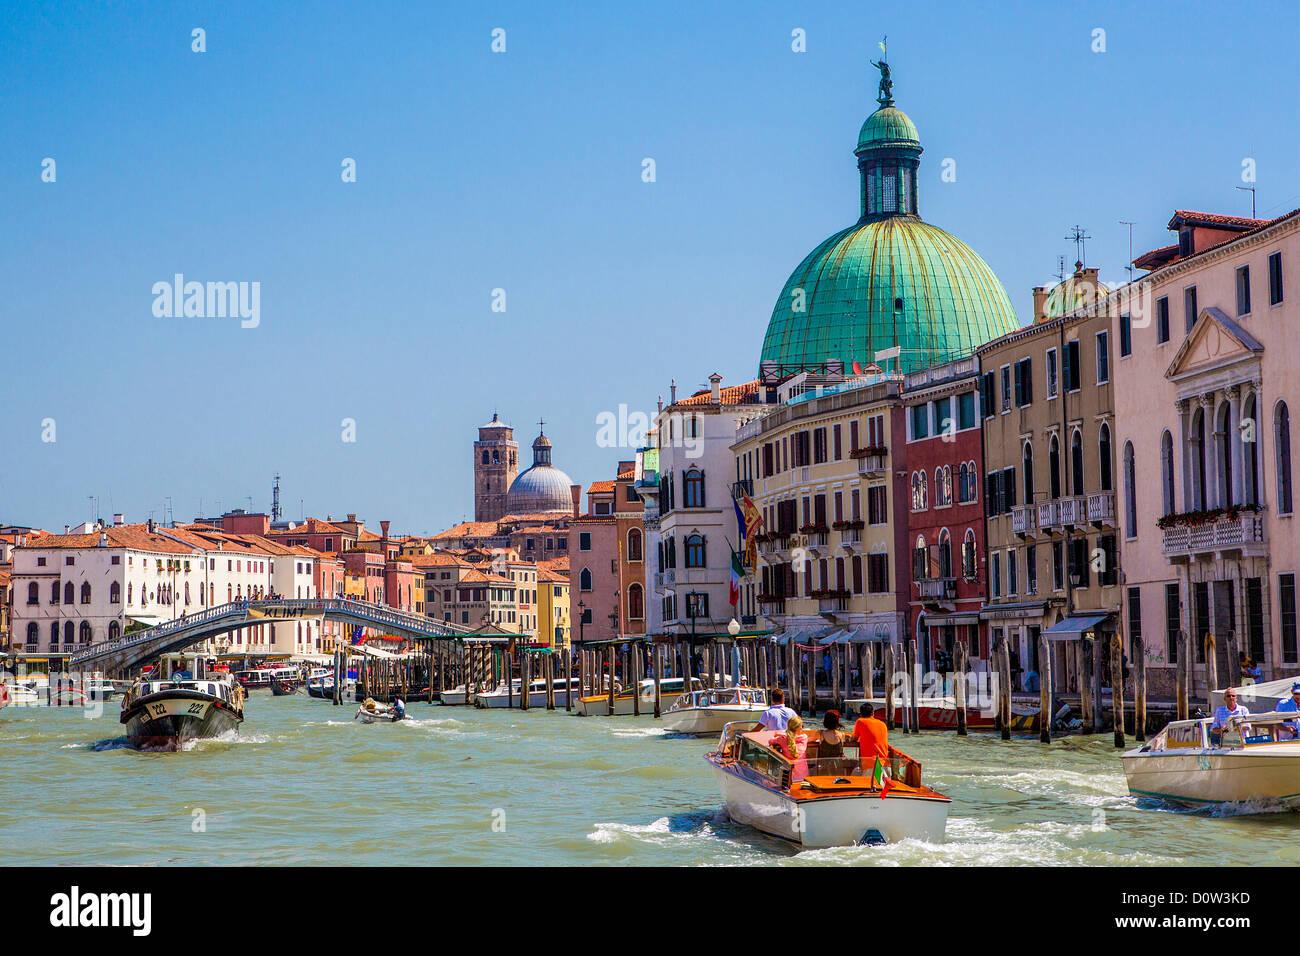 Italia, Europa, viajes, Venecia, San Simeón Dom y puente Scalzi, Italia, Europa, viajes, barcos, puentes, Dome, Imagen De Stock